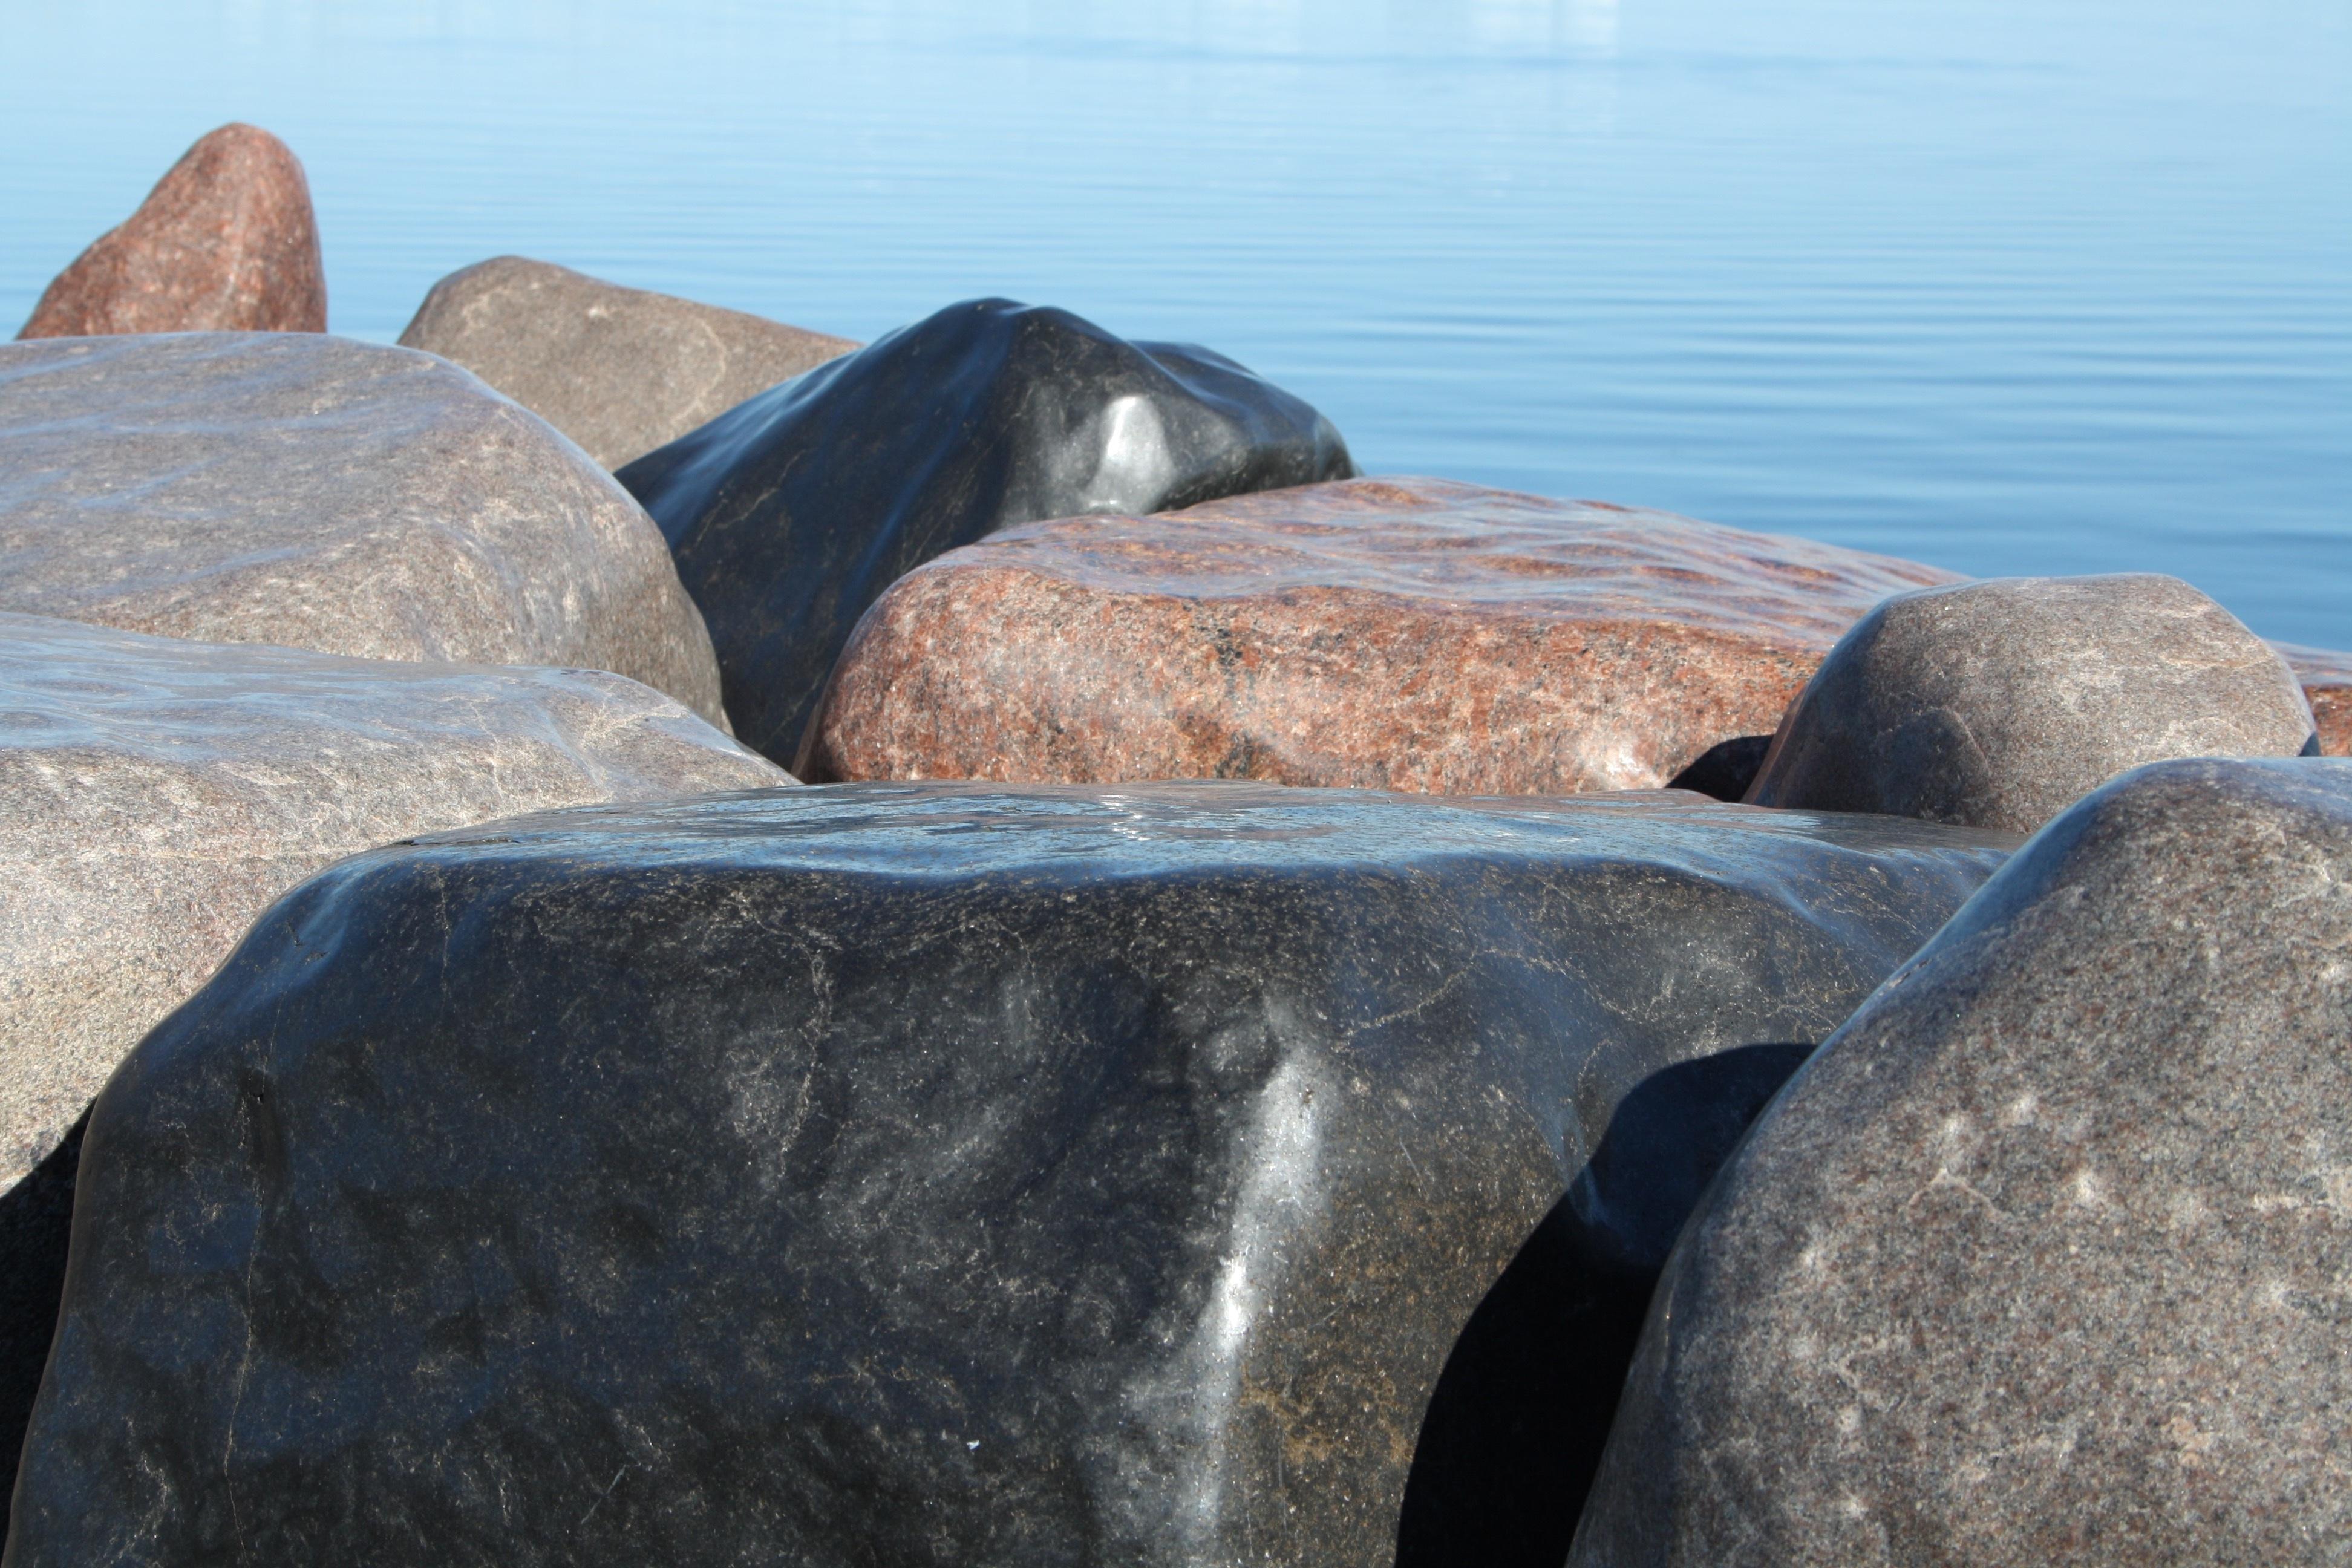 К чему снятся камни: видеть большие и маленькие камешки в воде или на земле, собирать или кидать их